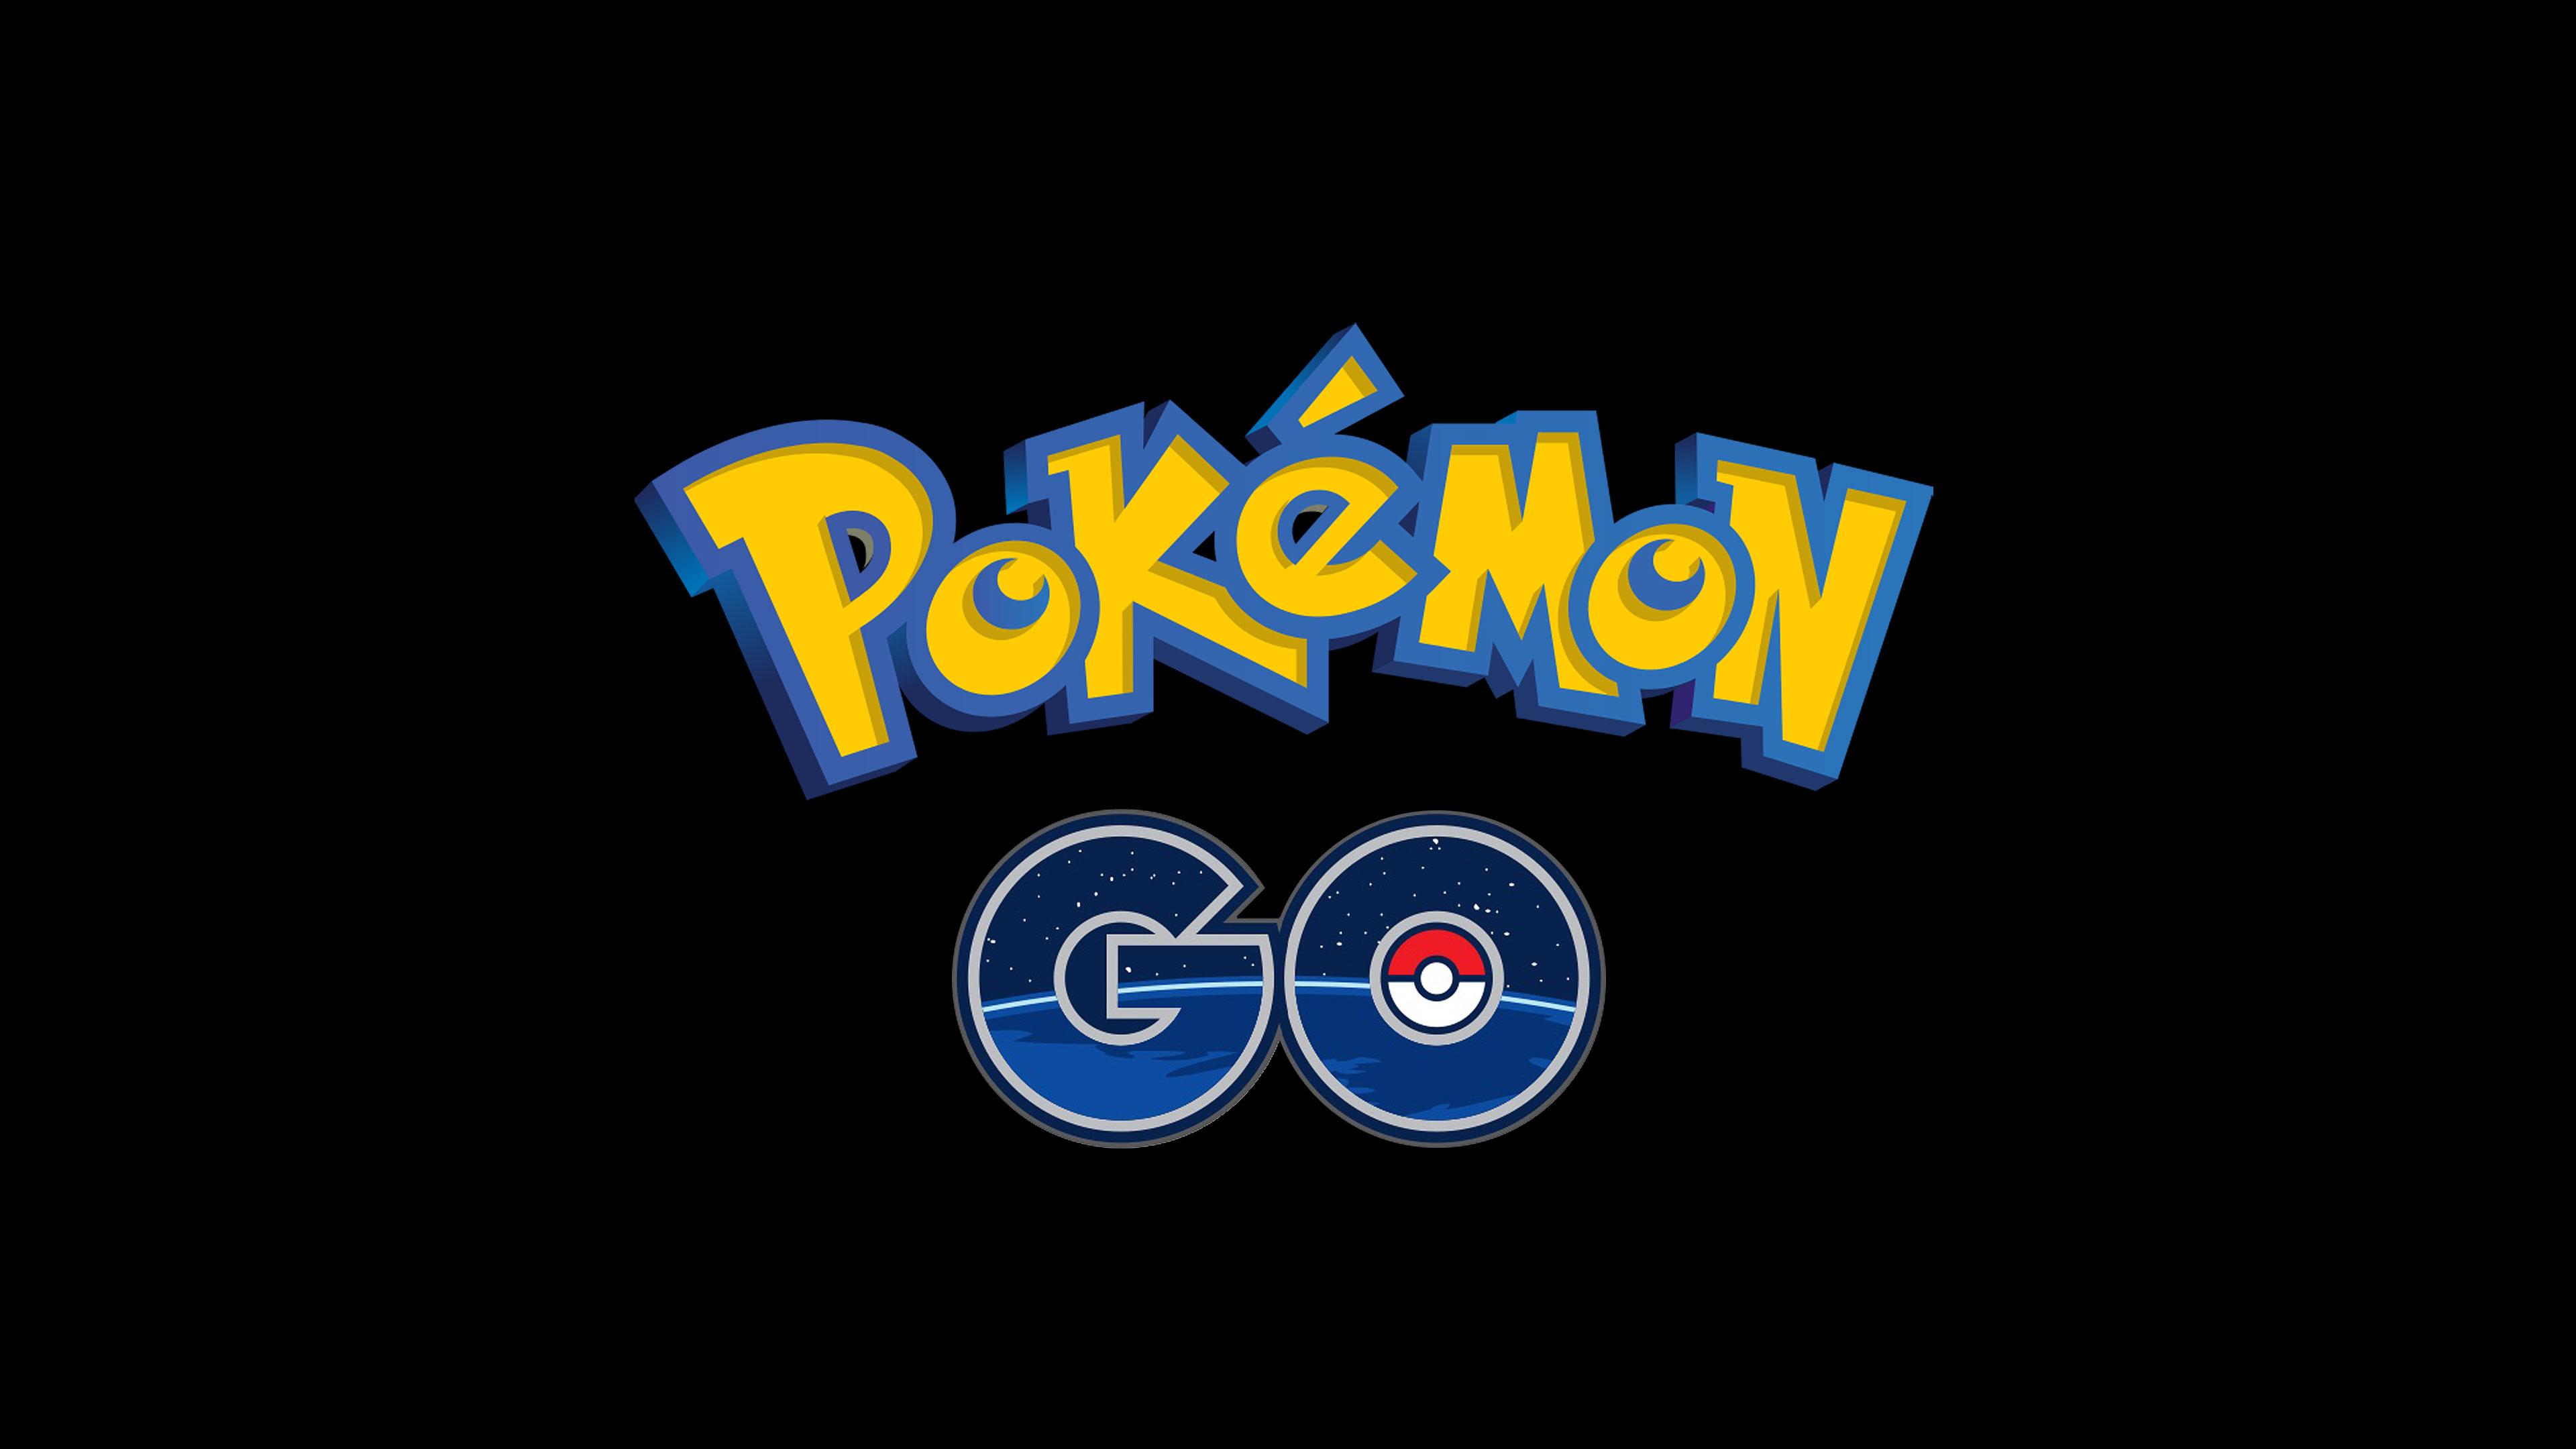 Pokemon Go Logos